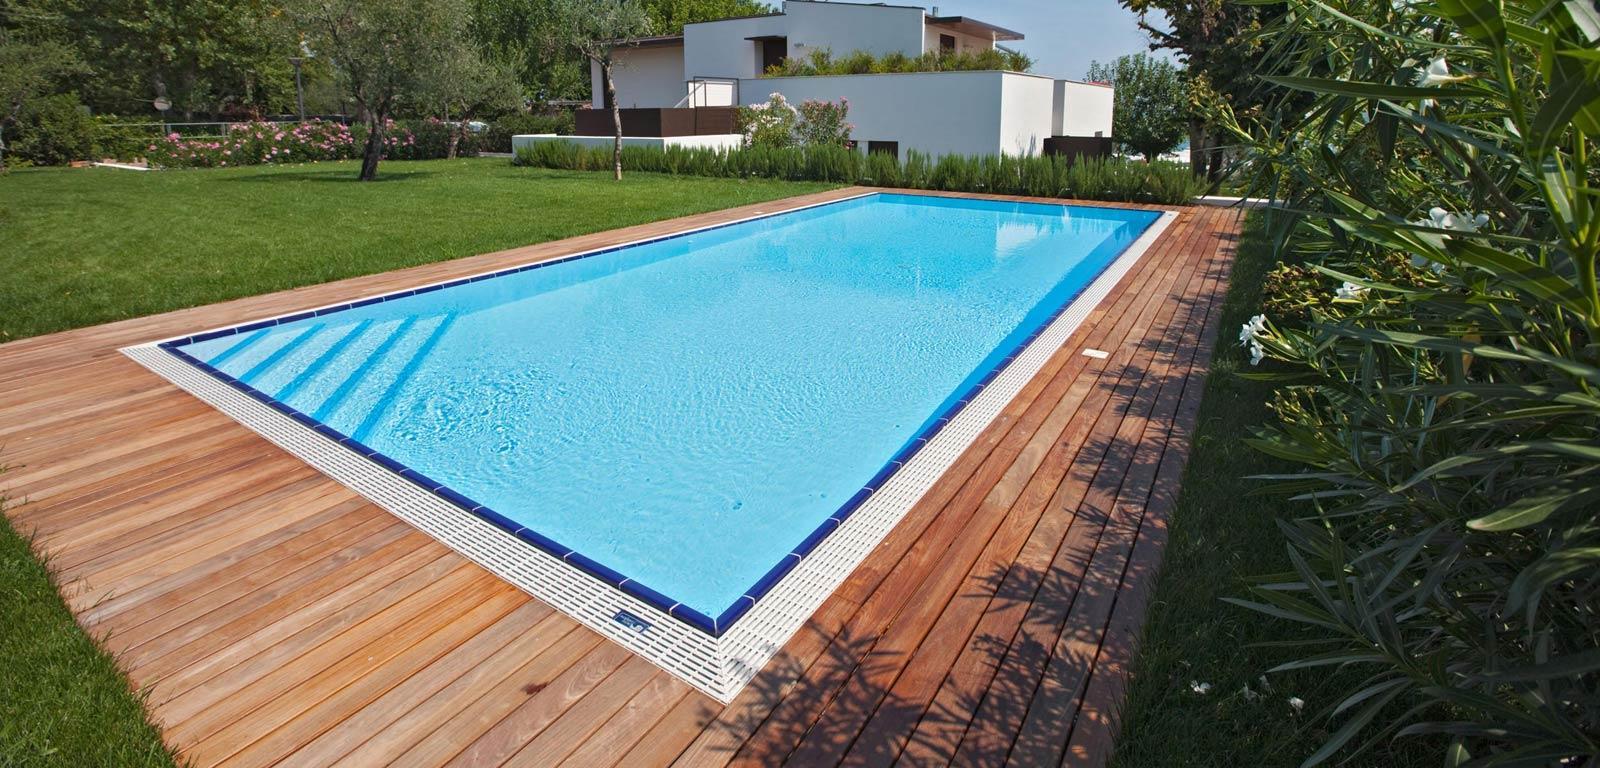 Piscine in giardino piscine castiglione for Alberca 8 x 5